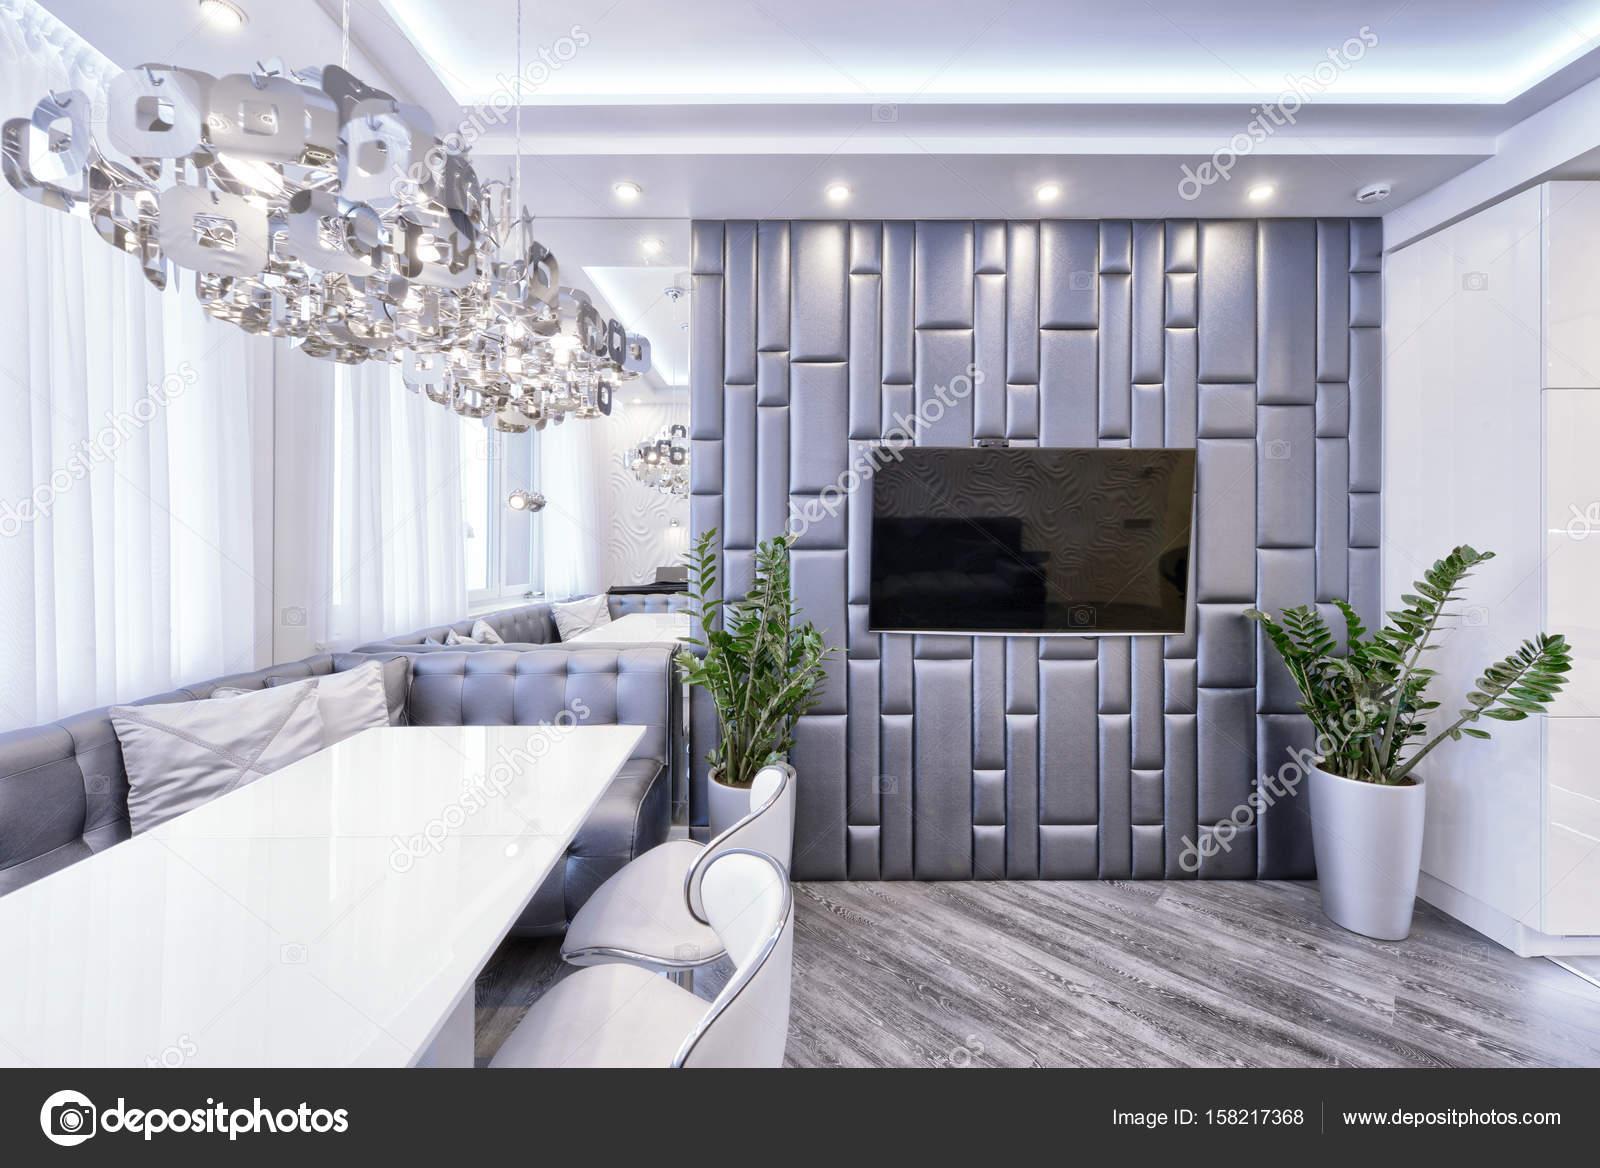 Interni Casa Grigio : Interni dal design moderno di soggiorno in un appartamento di